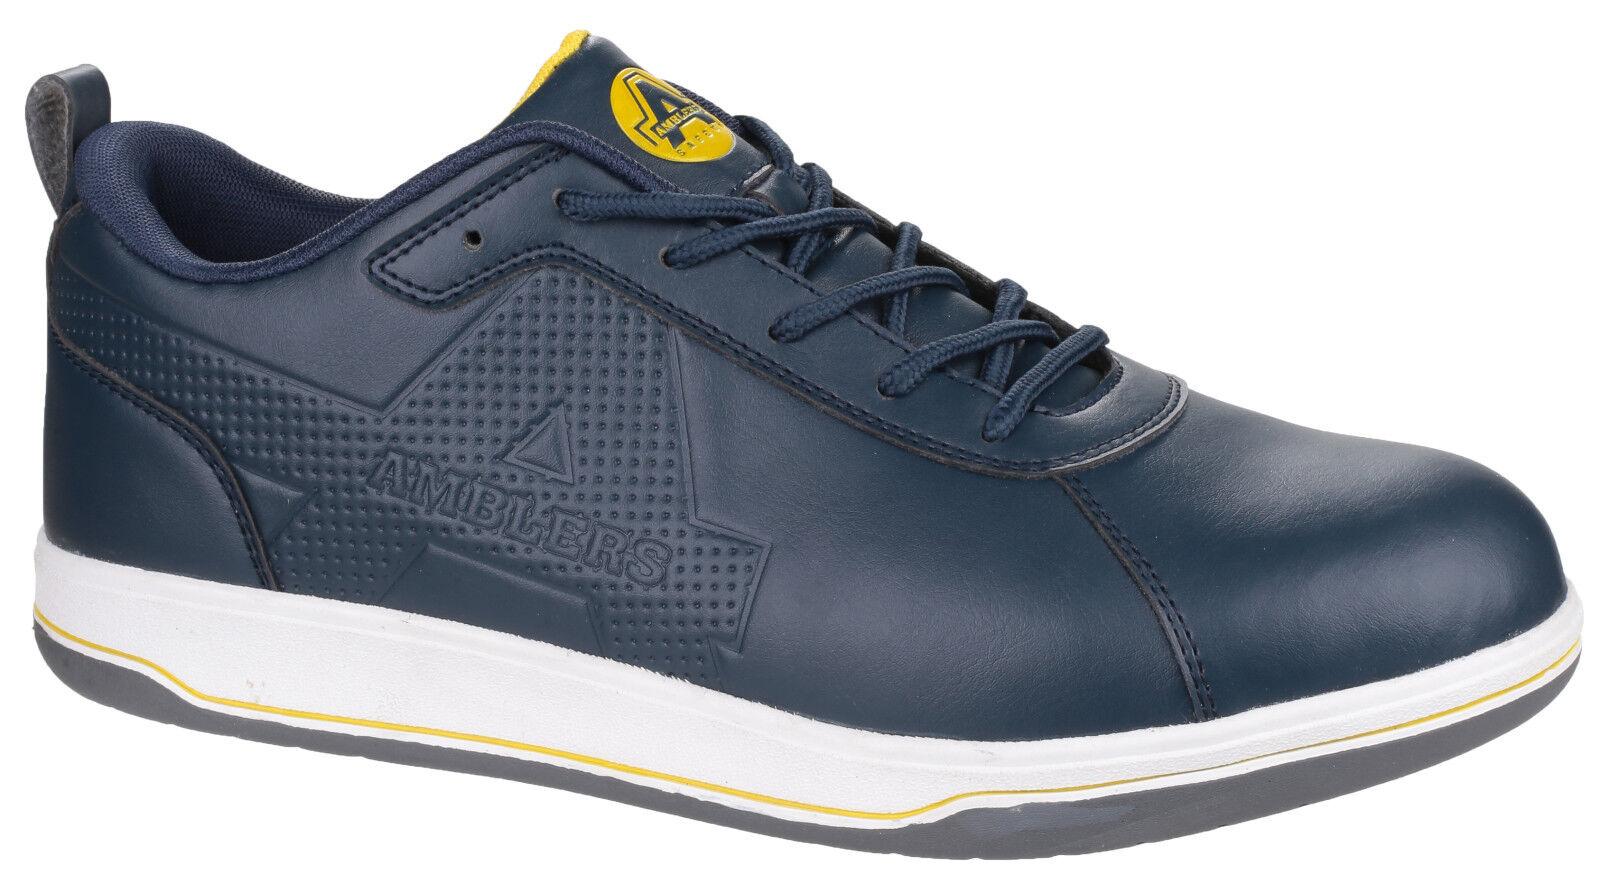 Amblers AS709 Ettrick Seguridad Puntera De Acero Para Hombre Azul Marino Zapatillas Zapatos UK6-12